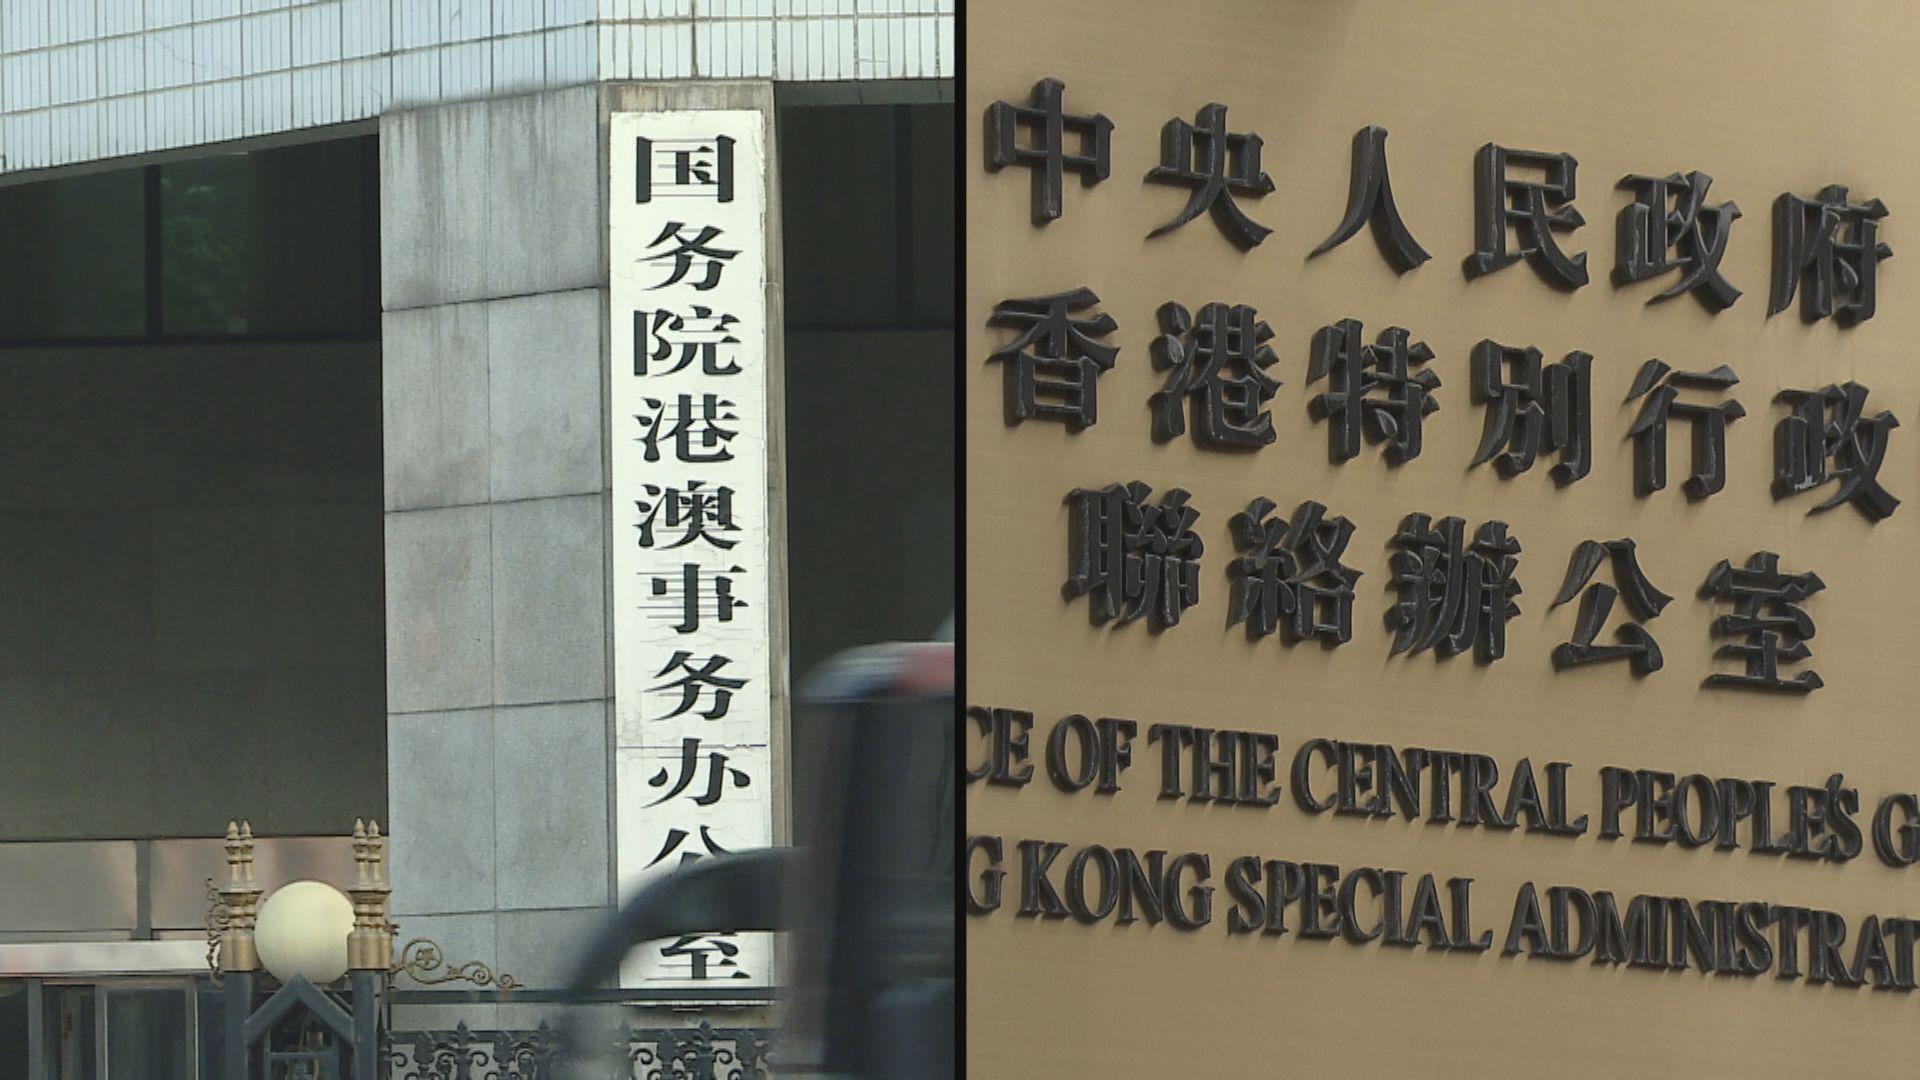 中聯辦:勿低估法例實施的剛性約束及機構執法能力